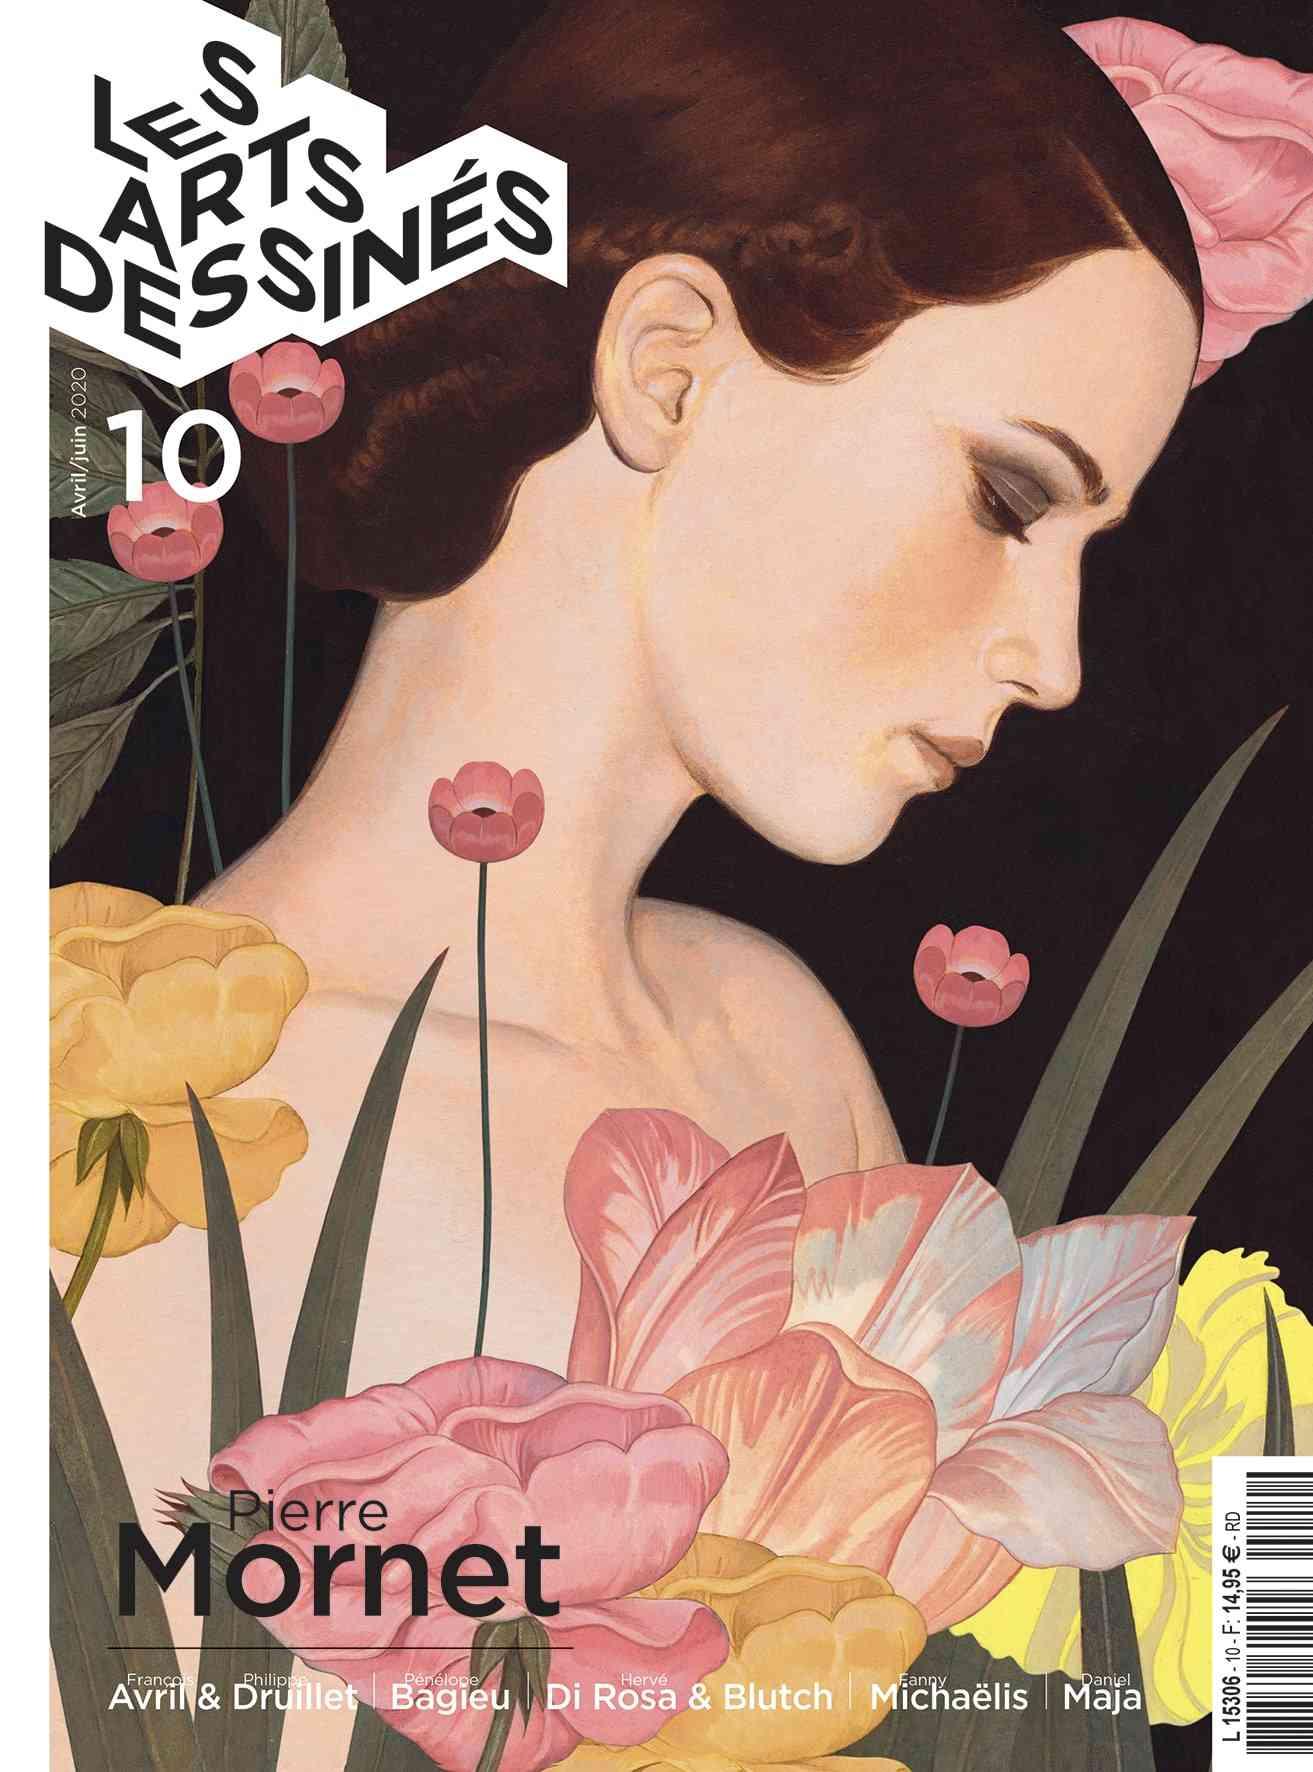 Le numéro 10 des Arts dessinés est en kiosque